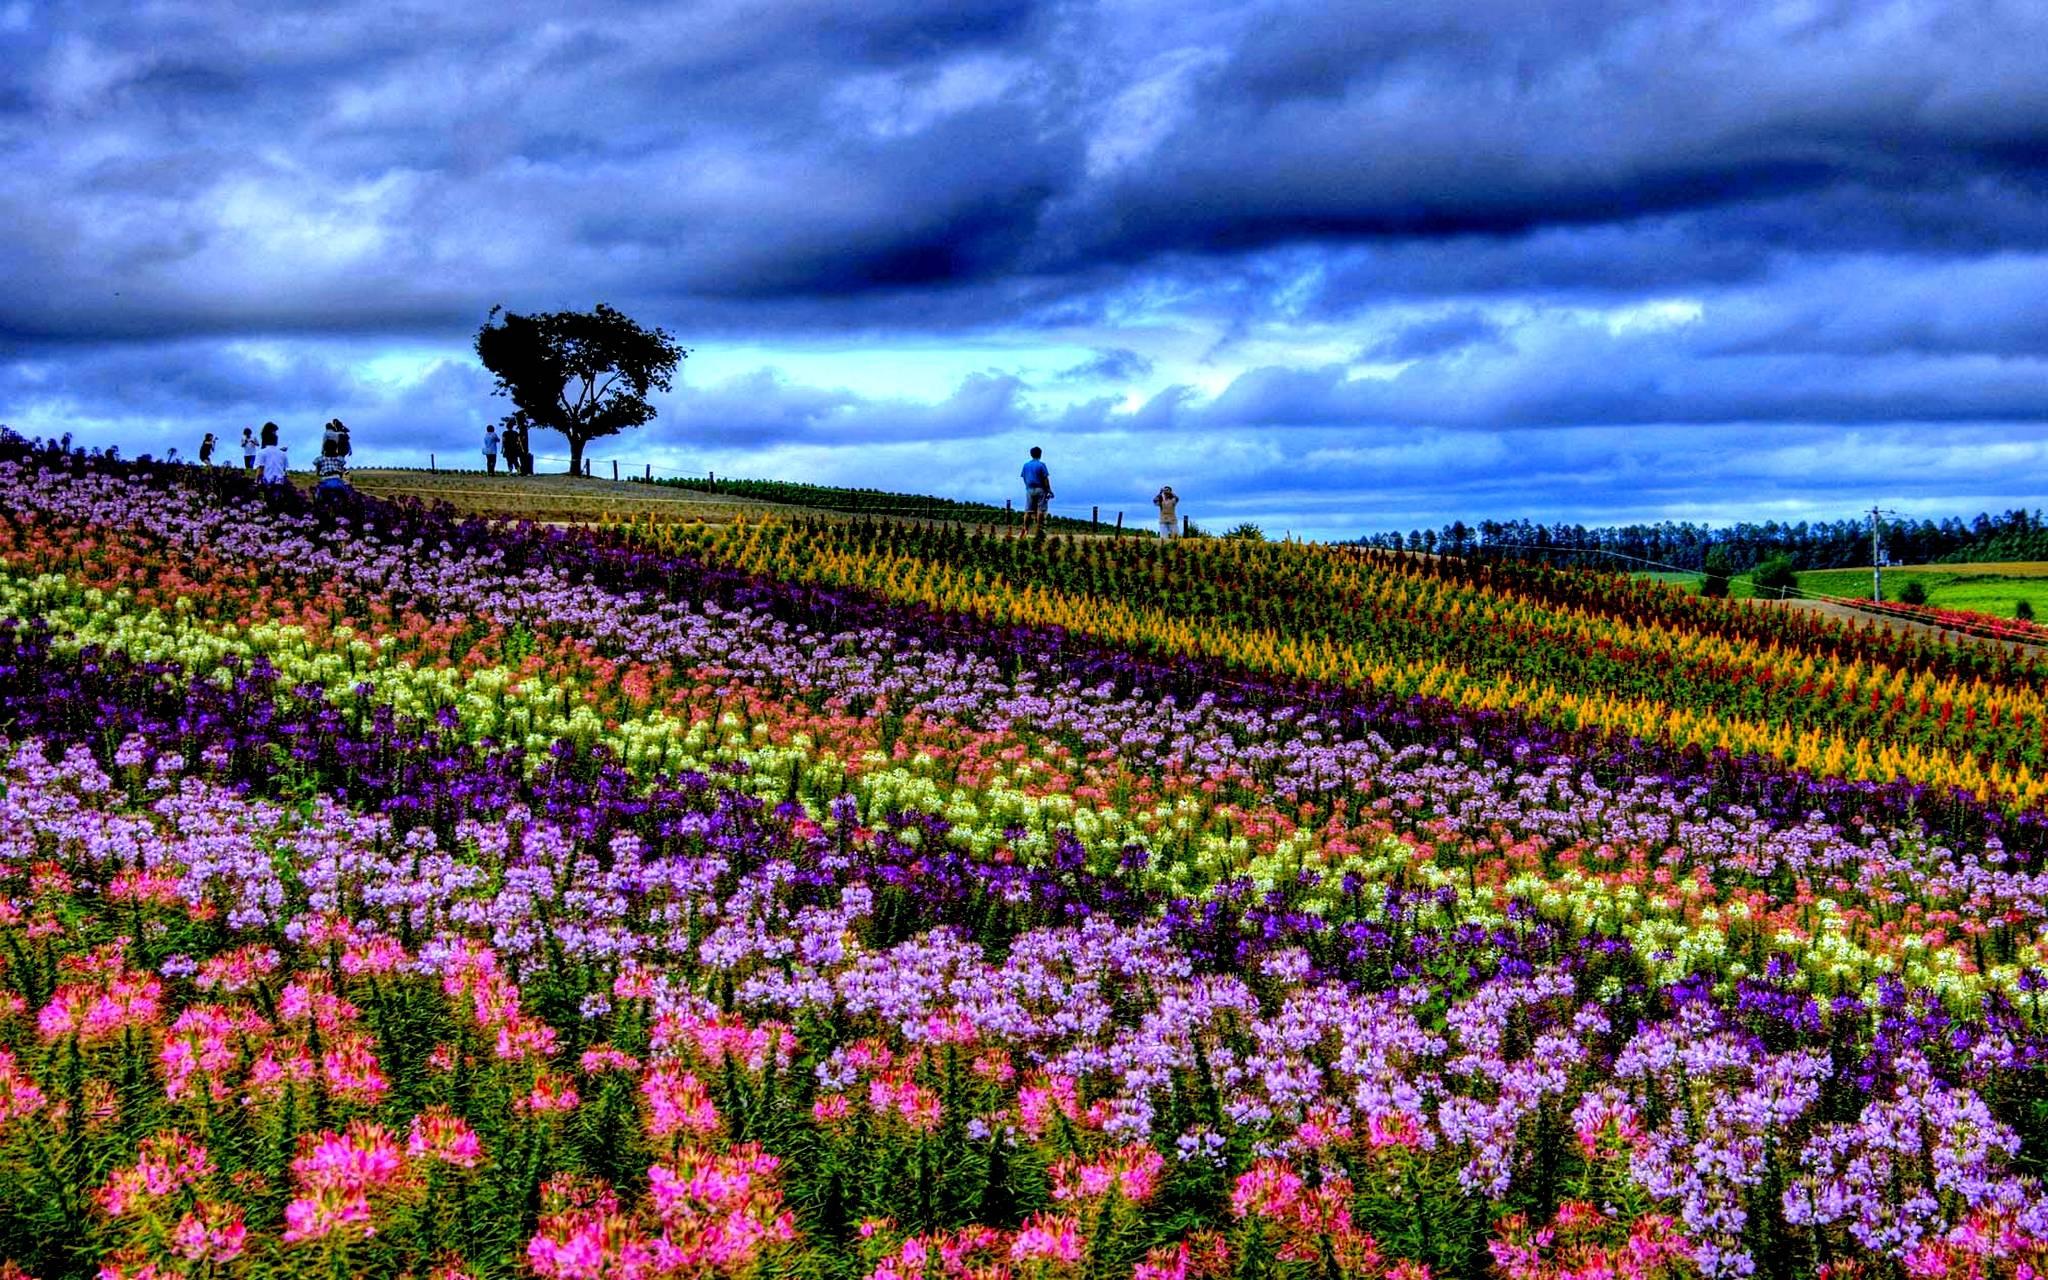 Pin primavera paesaggi hd wallpaper foto sfondi per for Sfondi desktop primavera